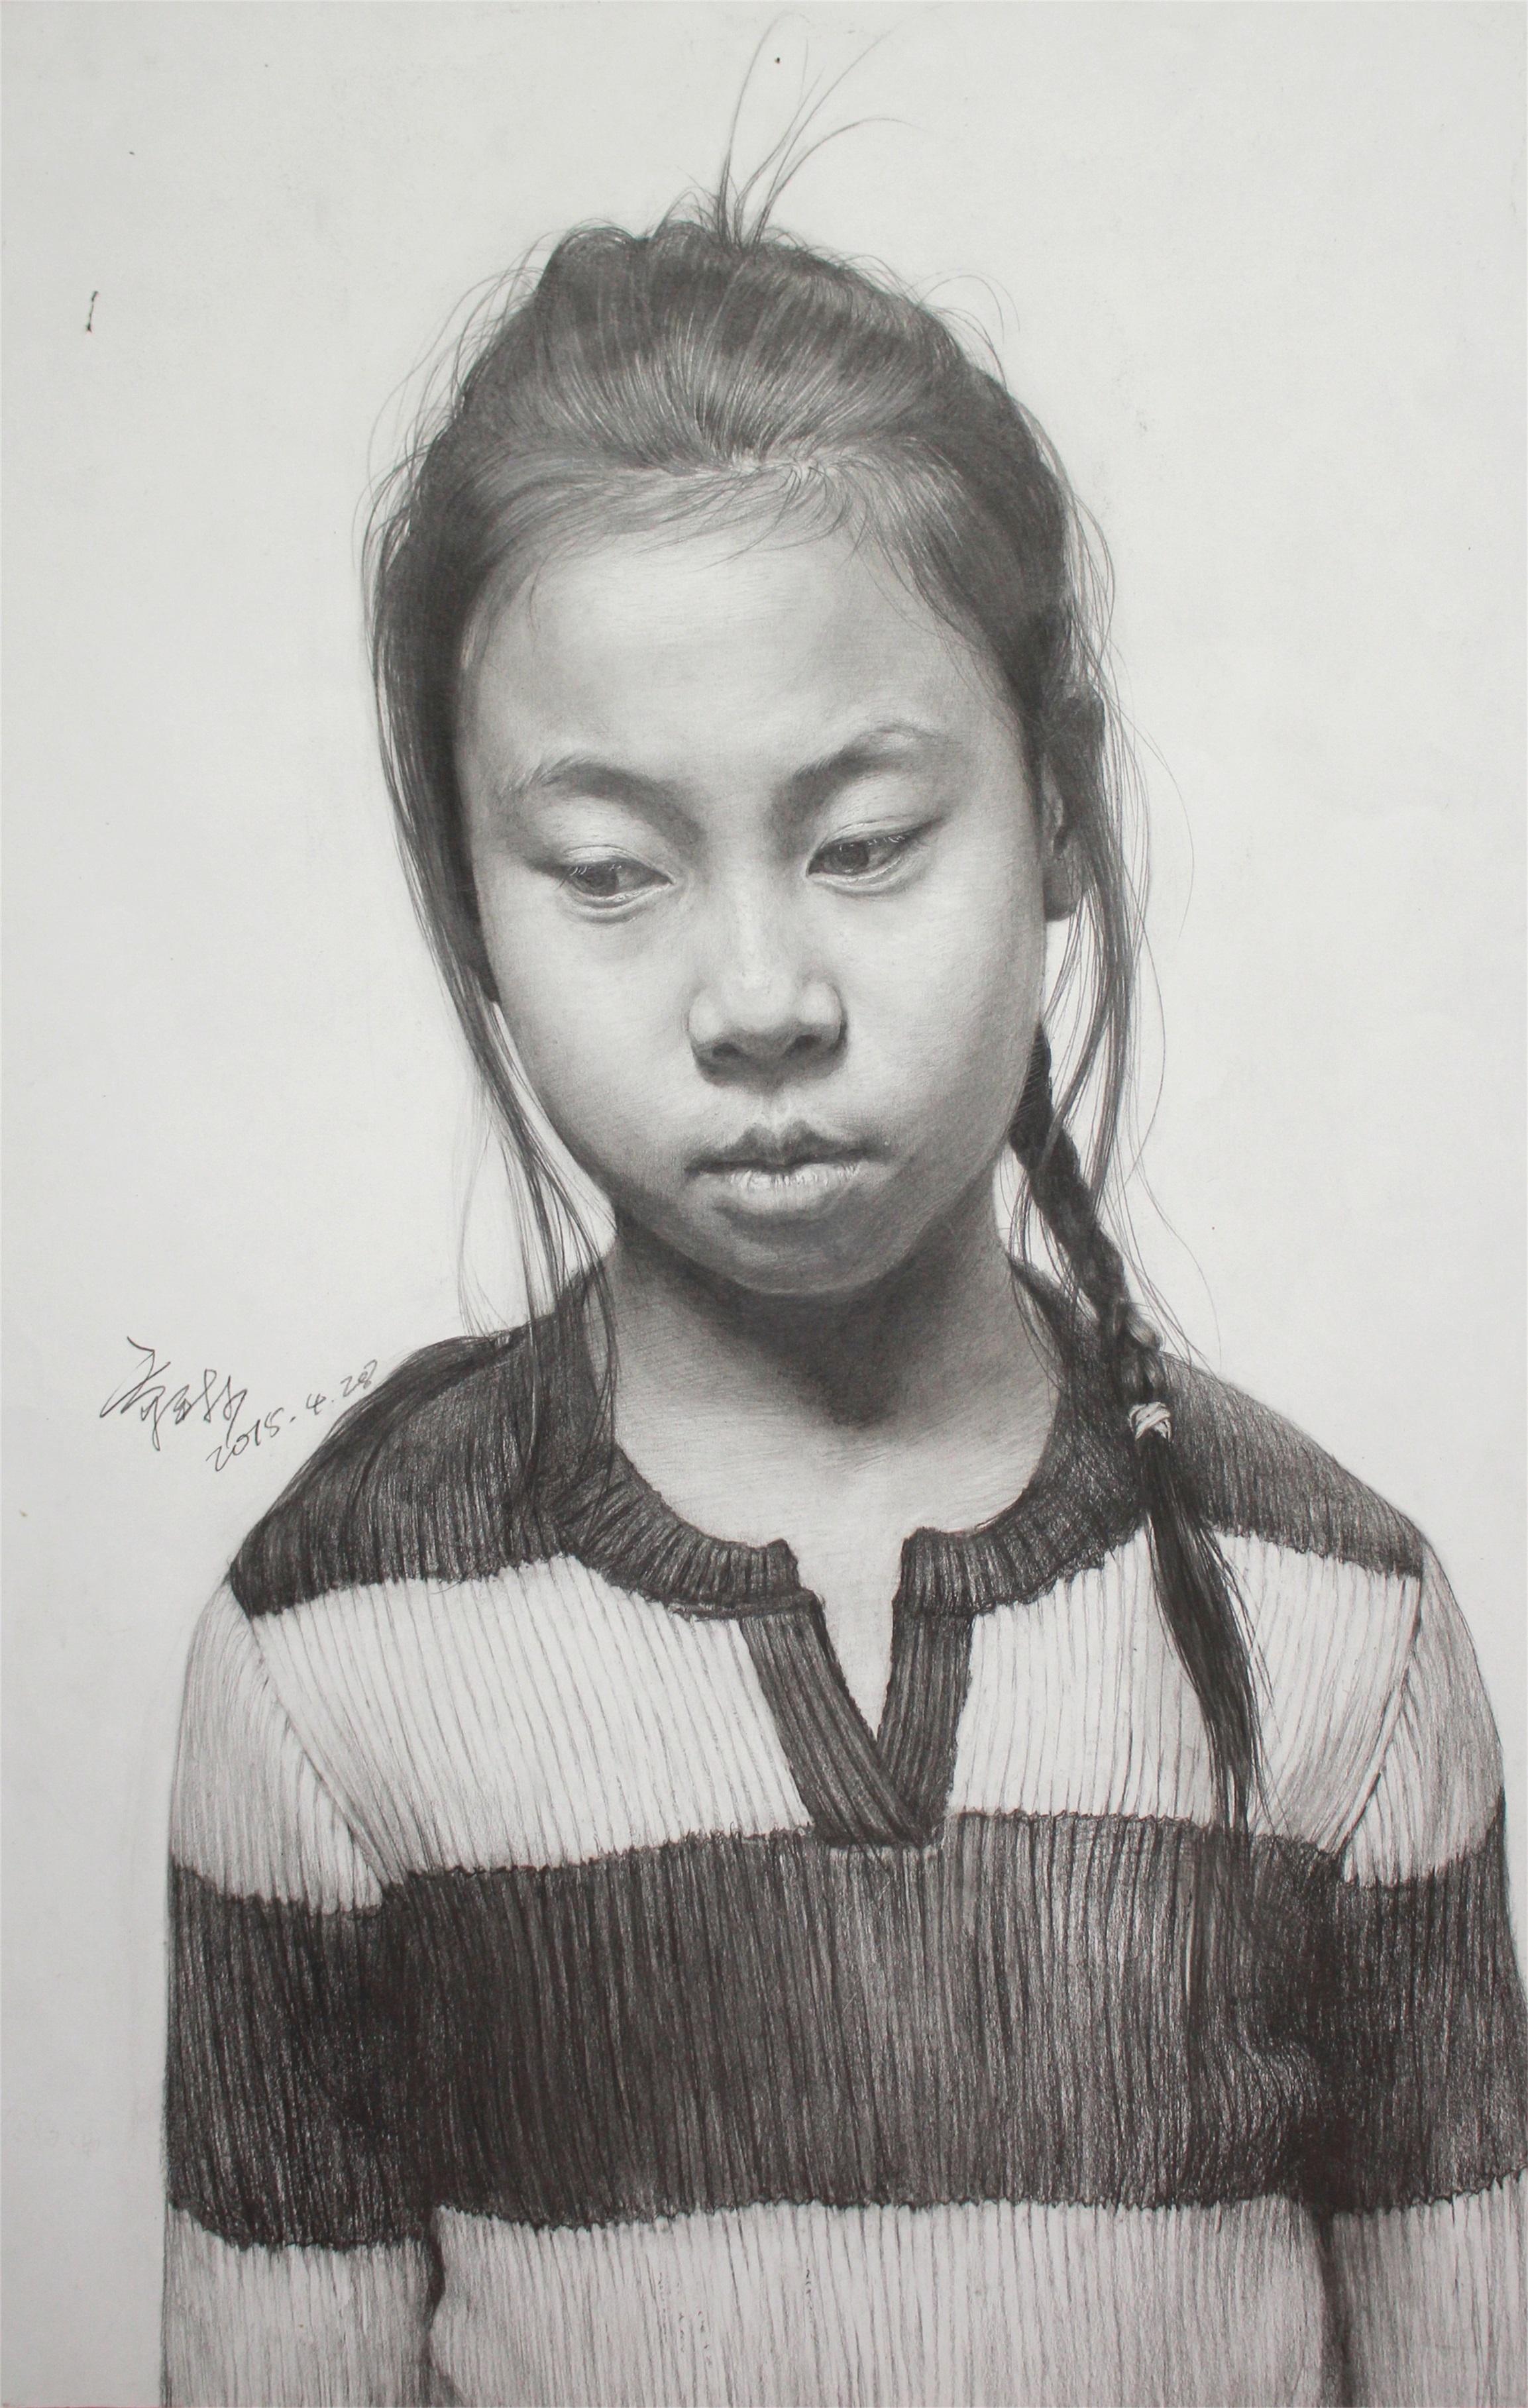 美术高考作品小女孩扎辫子素描头像赏析